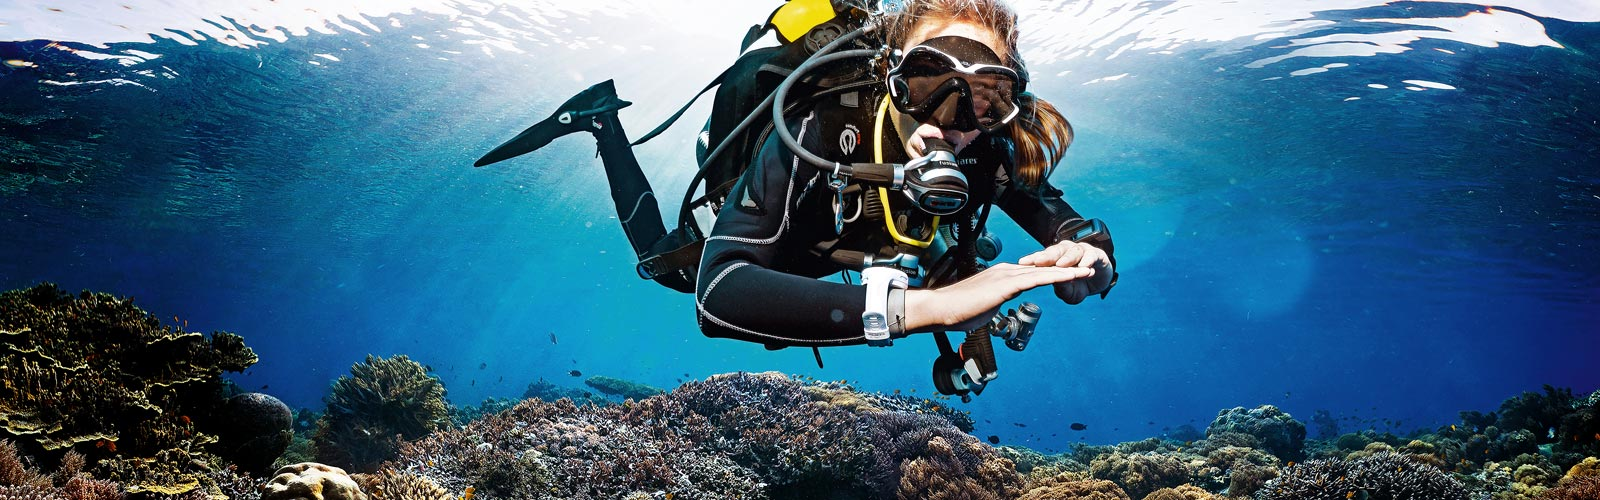 reserveer jouw duikopleiding in den Haag